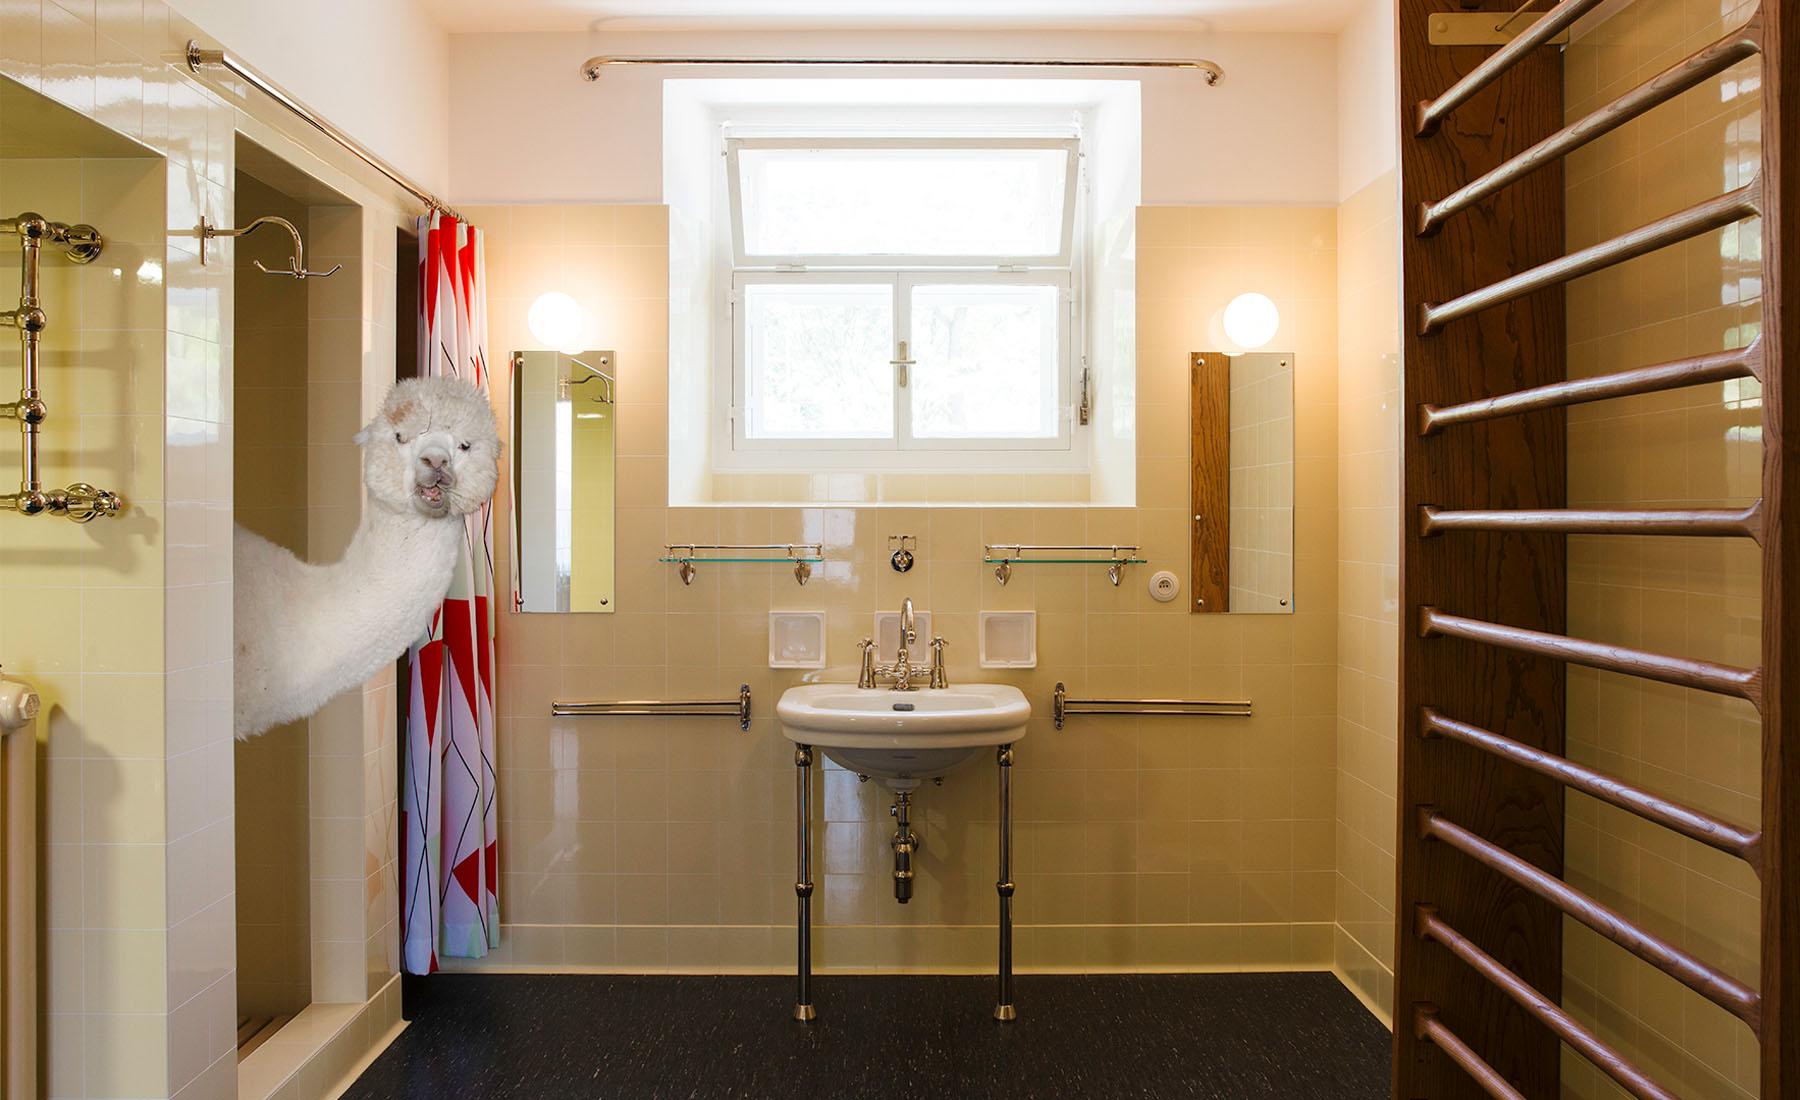 Daniel-Gebhardt-de-Koekkoek-Alpaca-bathroom